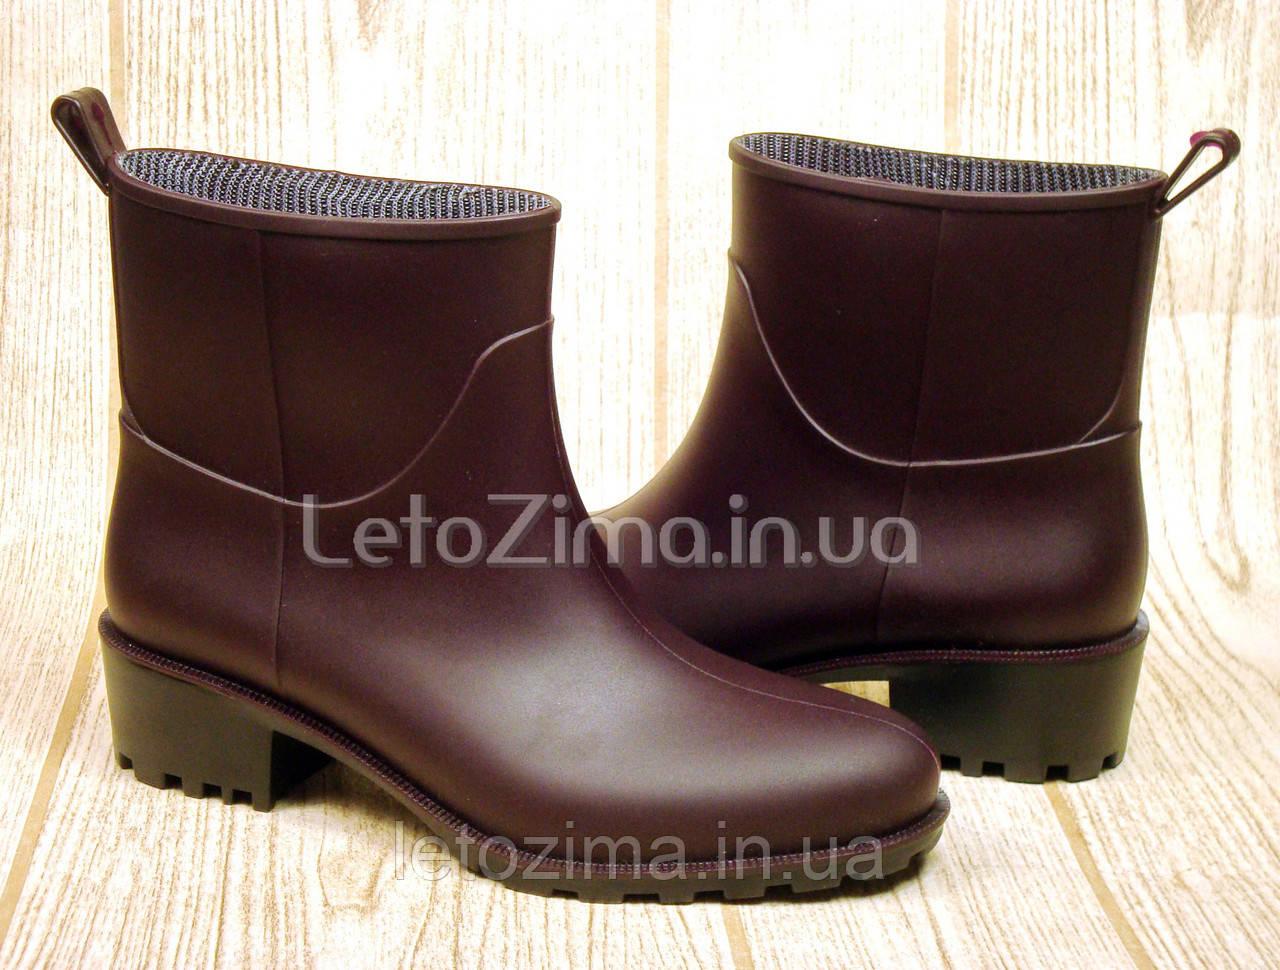 Резиновые ботинки для женщин и девушек р.36-41